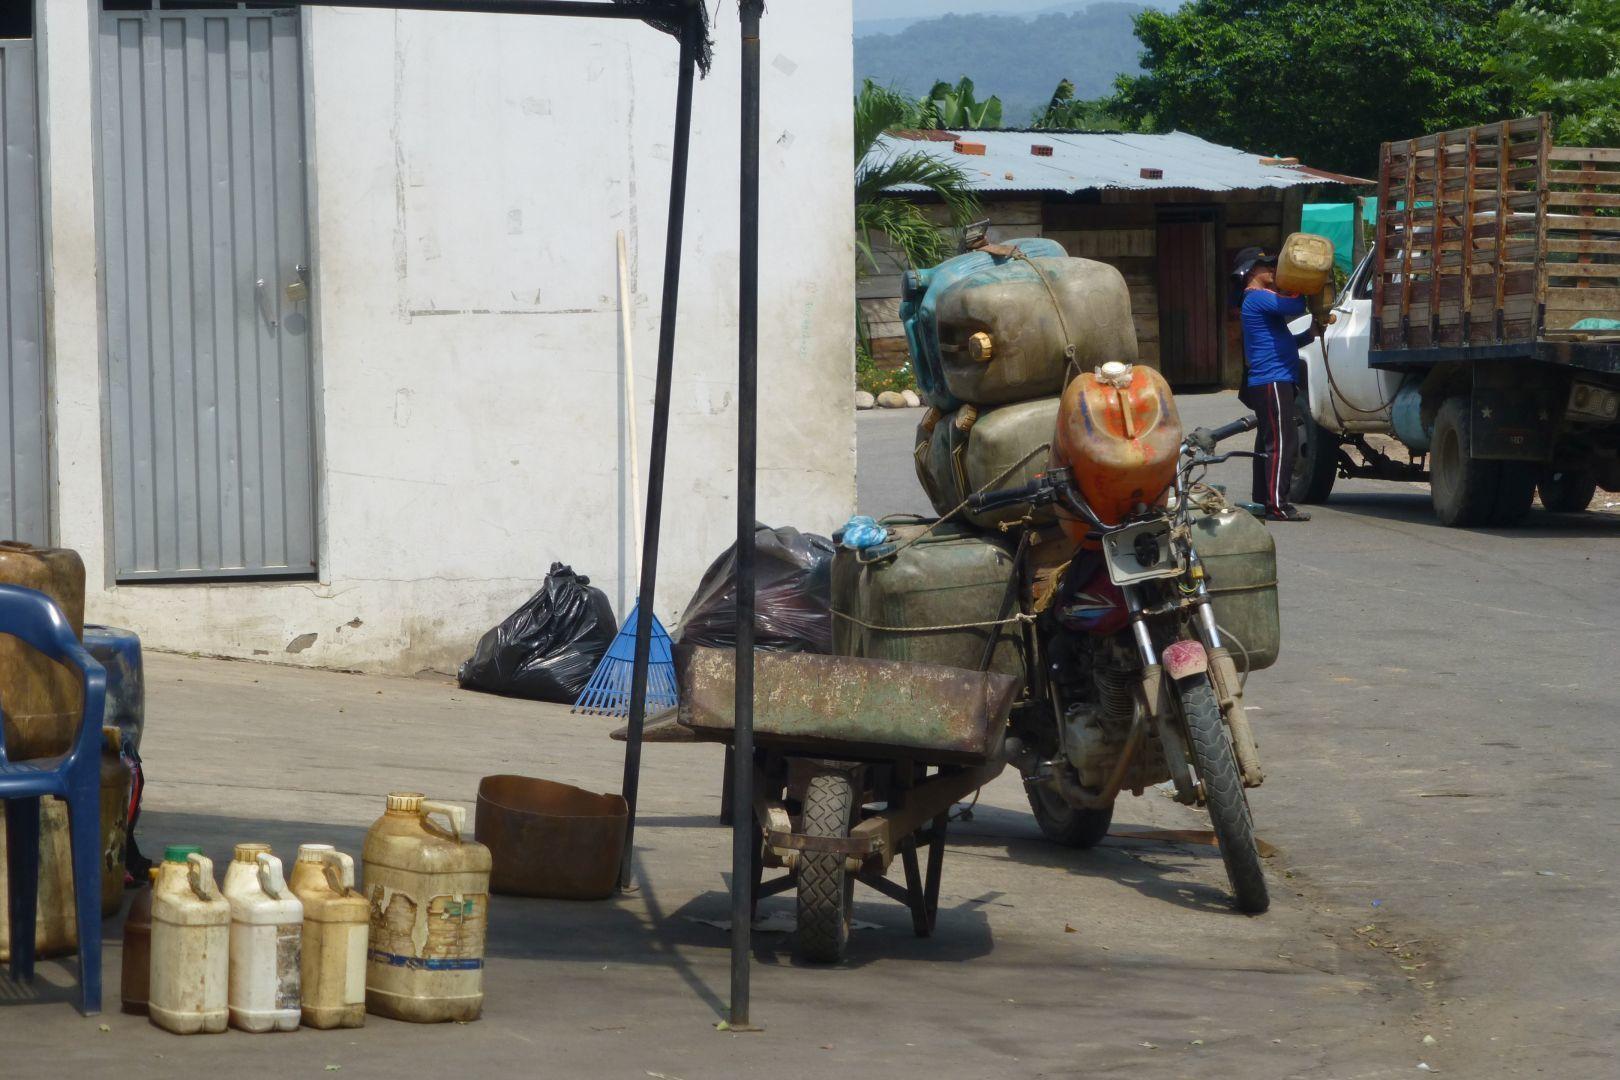 gasolina de Venezuela se vende en la calle en Colombia